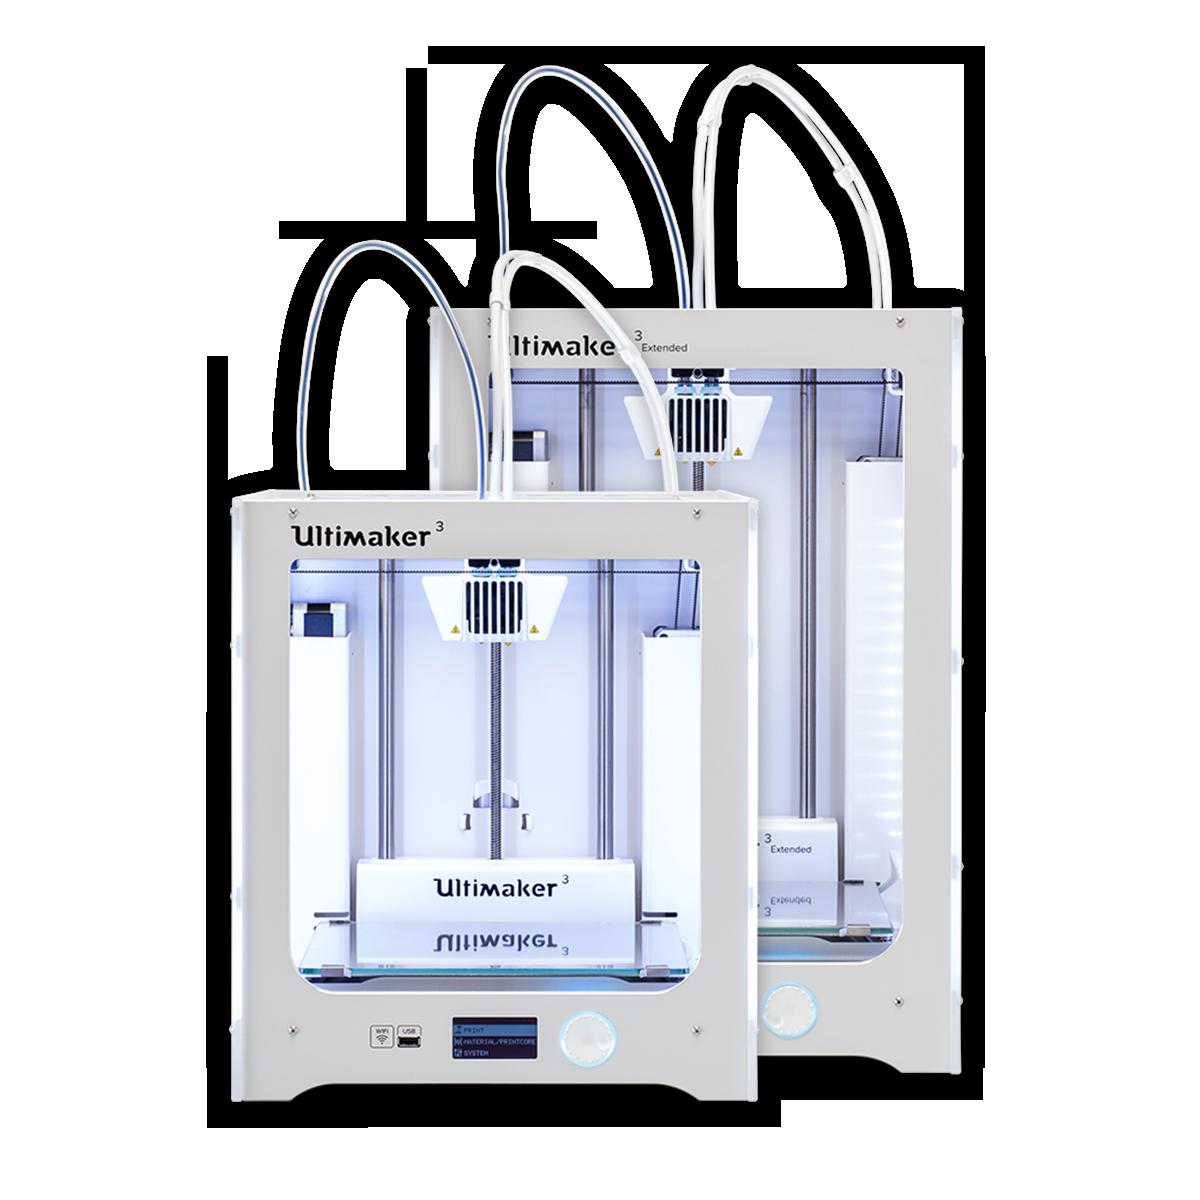 Ultimaker 3 and Ultimaker 3 Extended desktop 3D printer hero